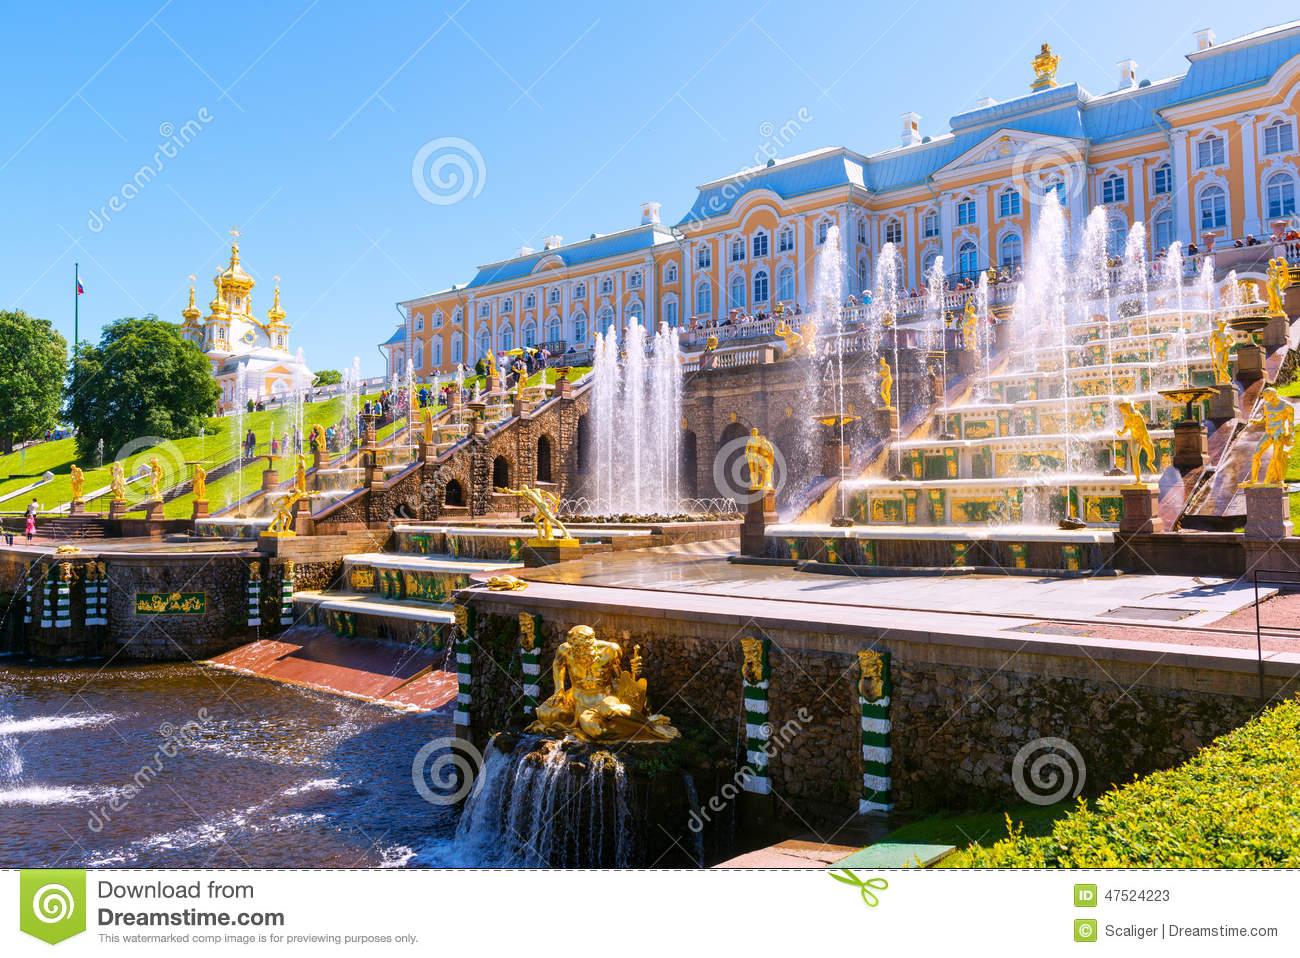 Peterhof Palace (Petrodvorets) In Saint Petersburg, Russia.